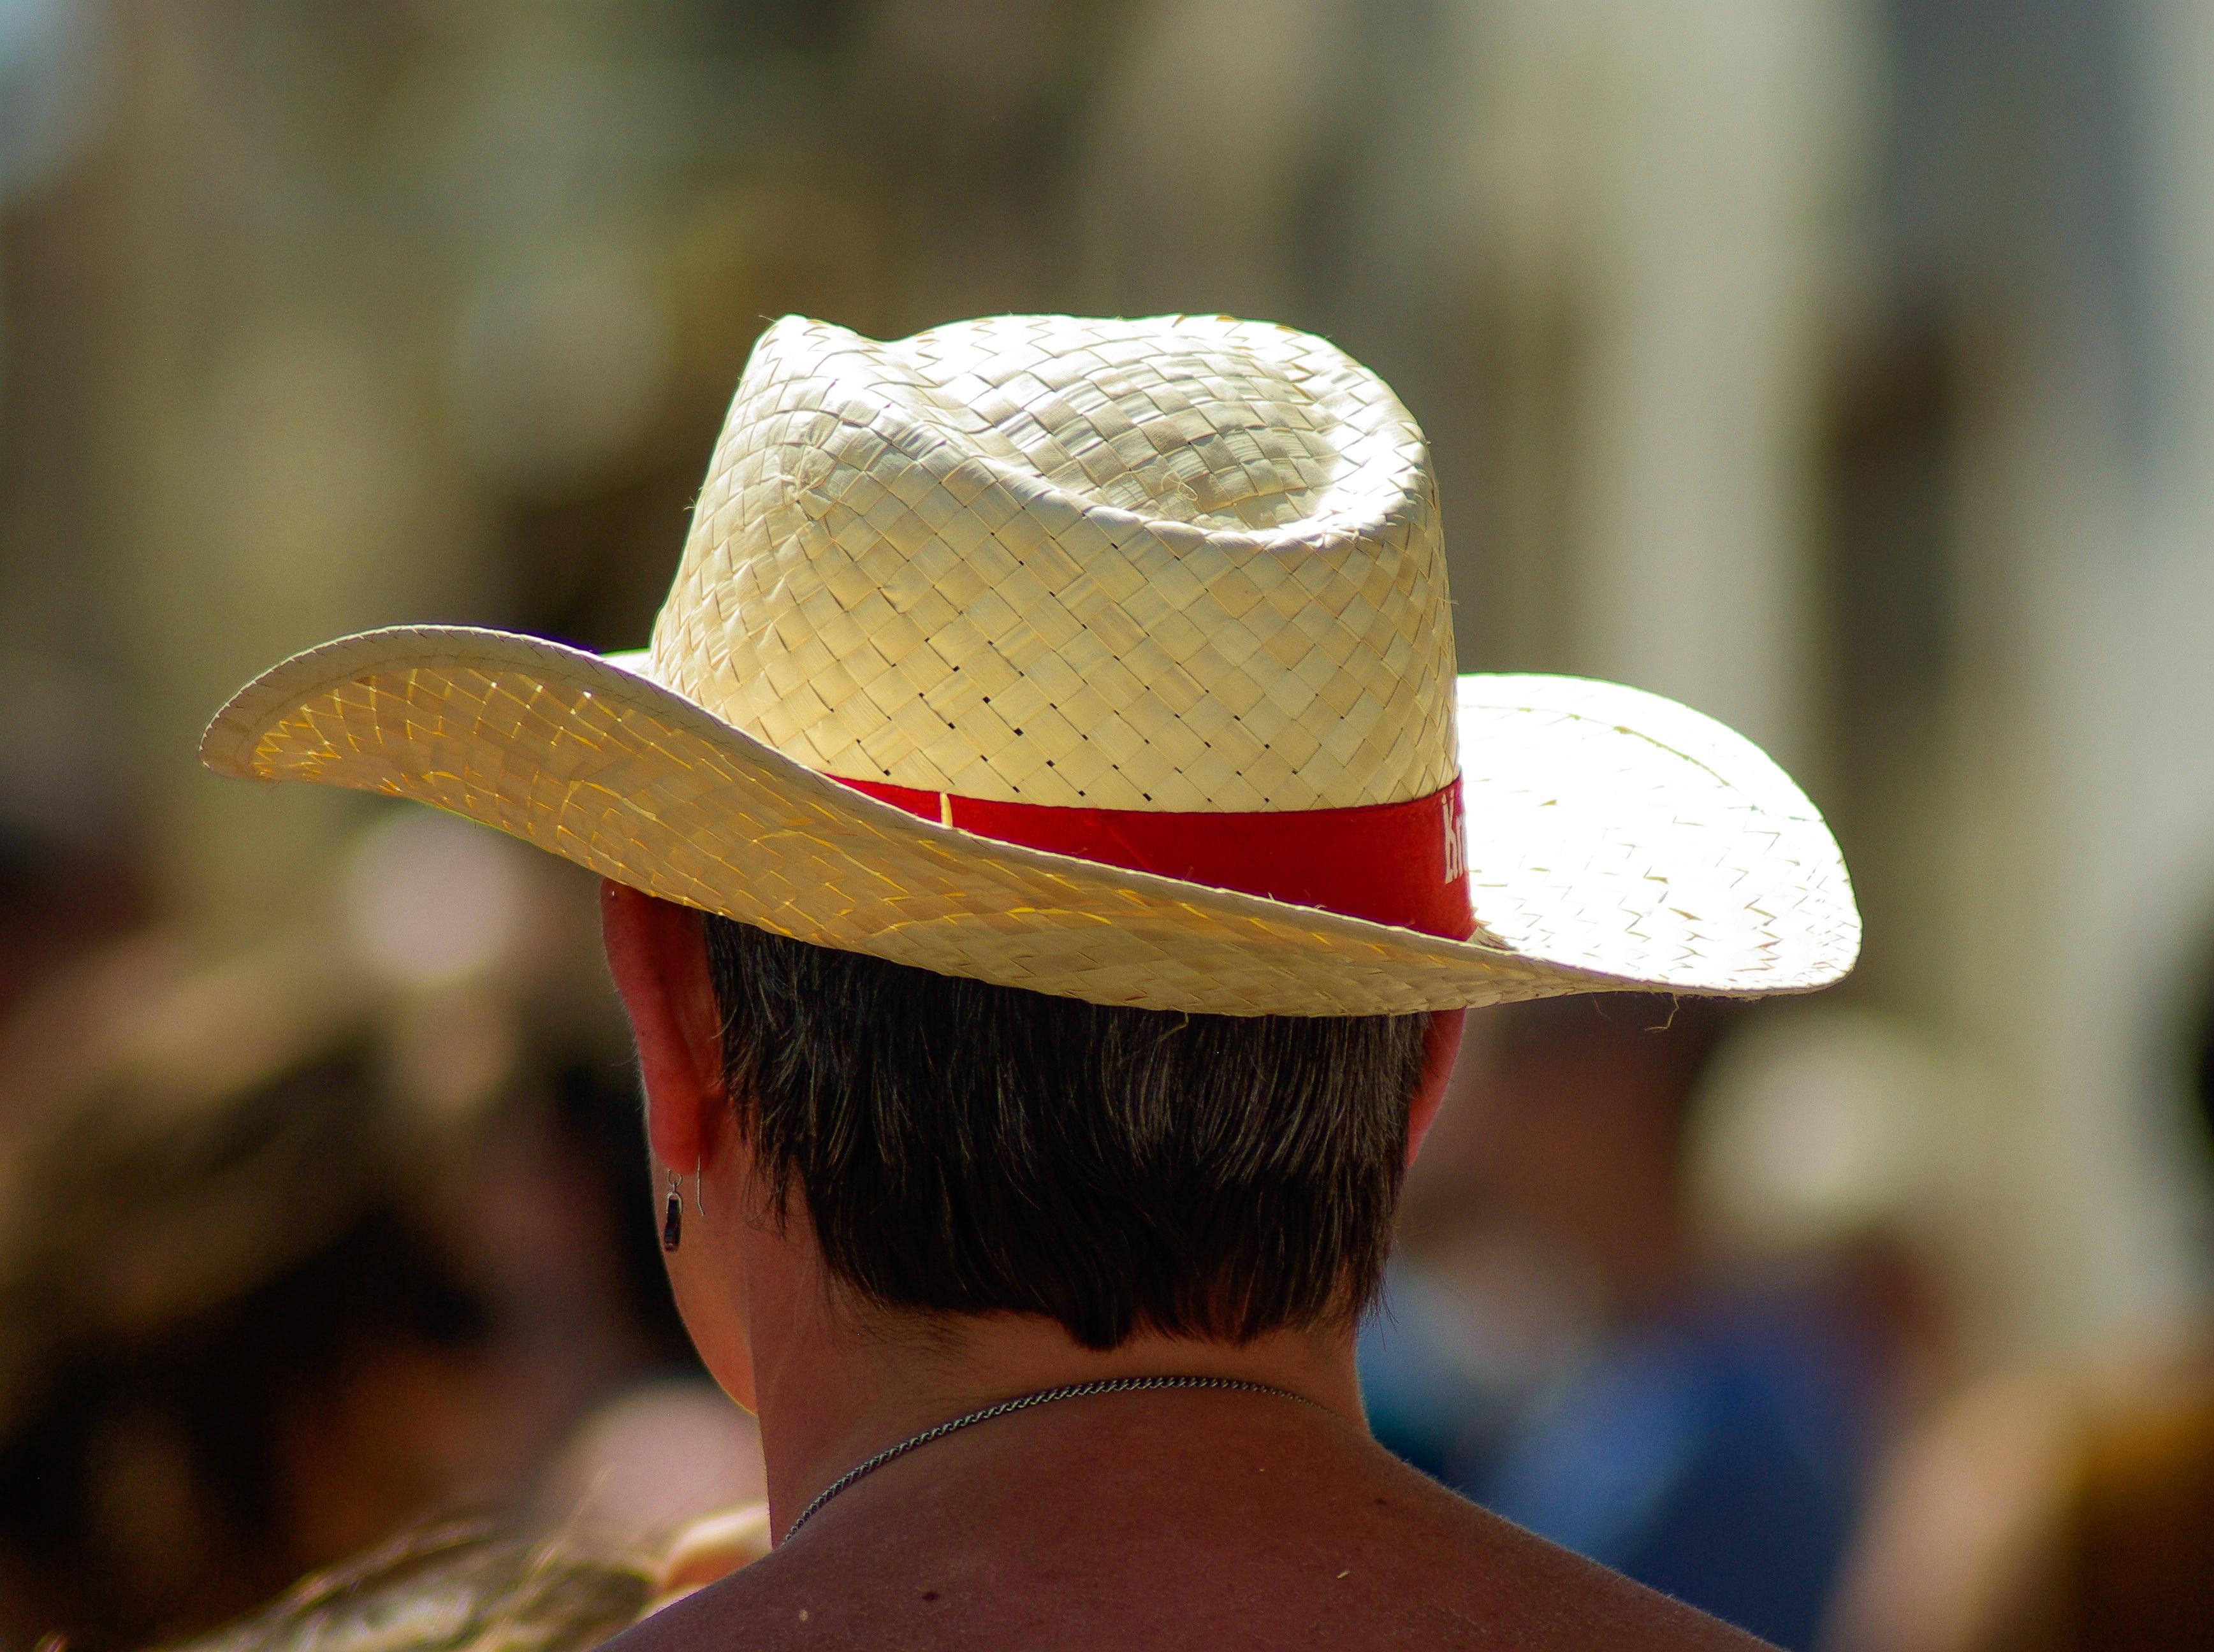 картинки все шляпы мира стиль своеобразное